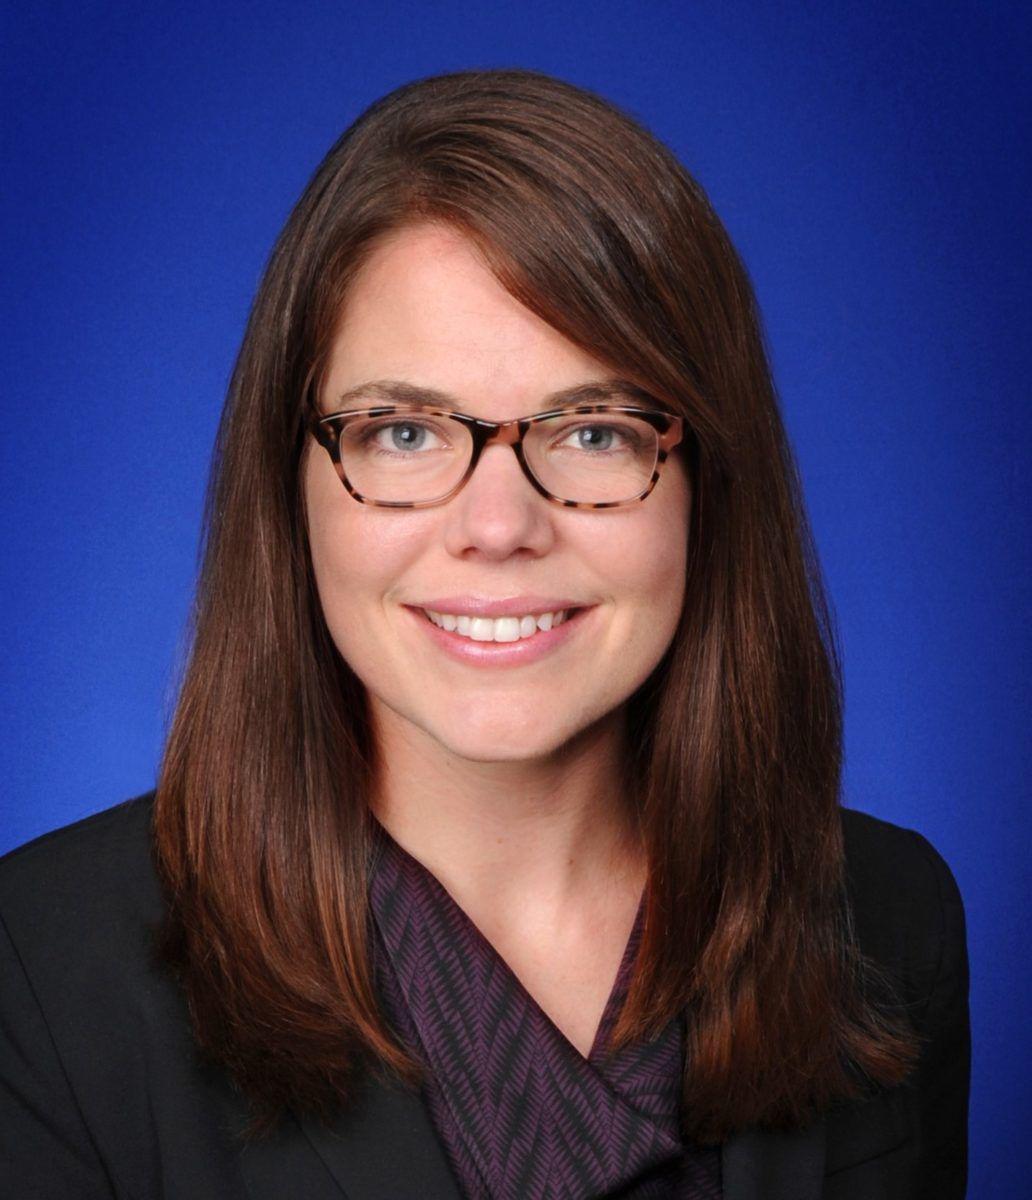 Stefanie Krevda